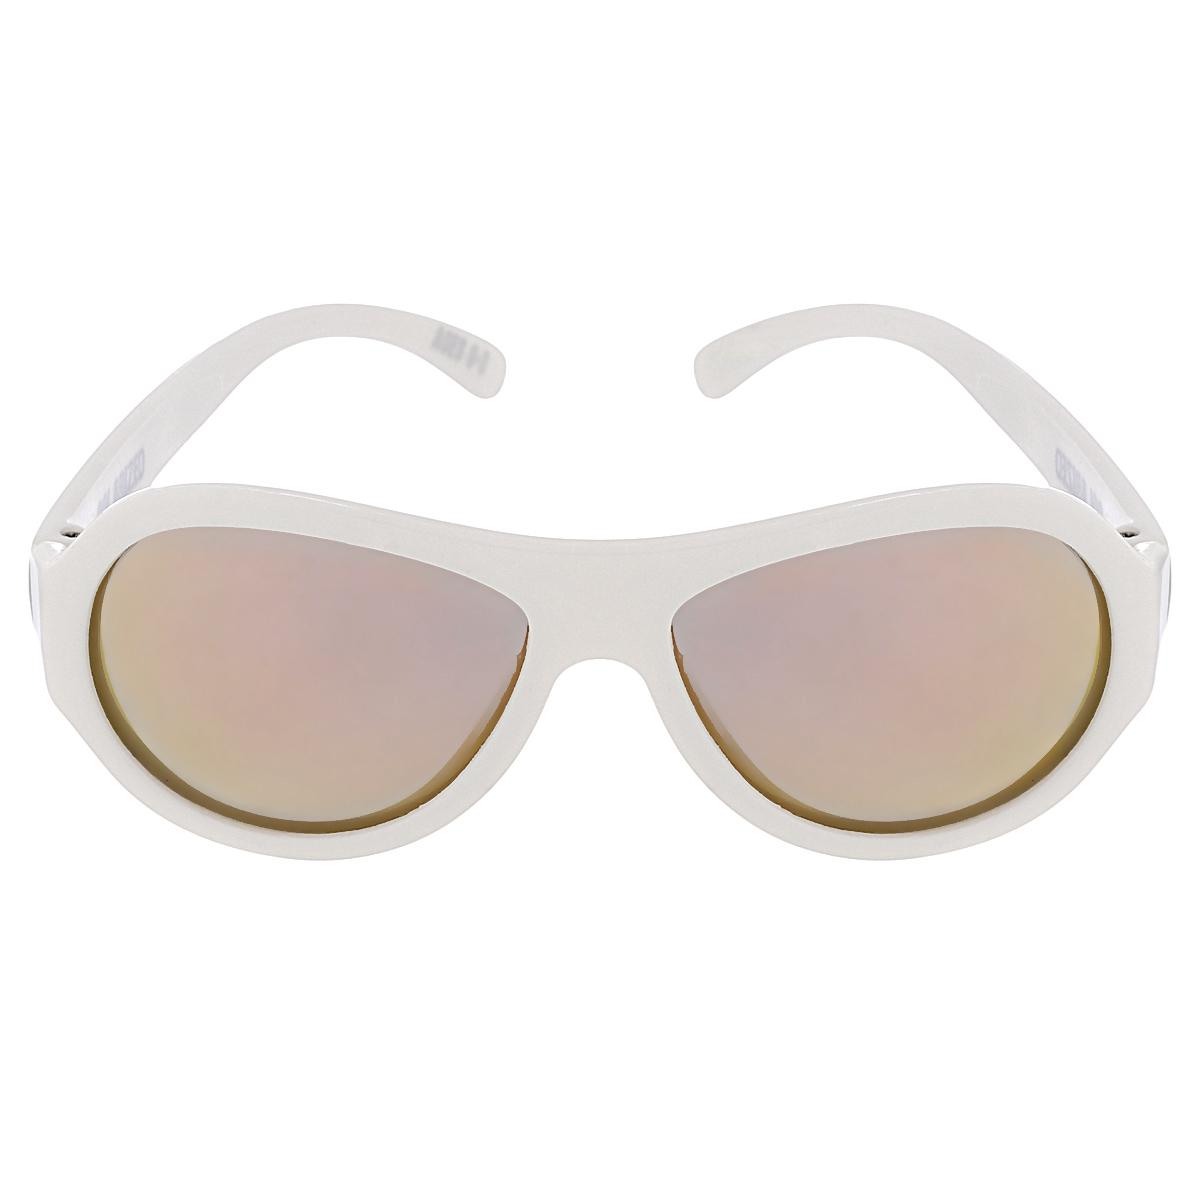 Детские солнцезащитные очки Babiators Шалун (Wicked), поляризационные, с футляром, цвет: белый, 0-3 летBAB-051Защита глаз всегда в моде. Вы делаете все возможное, чтобы ваши дети были здоровы и в безопасности. Шлемы для езды на велосипеде, солнцезащитный крем для прогулок на солнце... Но как насчёт влияния солнца на глазах вашего ребёнка? Правда в том, что сетчатка глаза у детей развивается вместе с самим ребёнком. Это означает, что глаза малышей не могут отфильтровать УФ-излучение. Добавьте к этому тот факт, что дети за год получают трёхкратную дозу солнечного воздействия на взрослого человека (доклад Vision Council Report 2013, США). Проблема понятна - детям нужна настоящая защита, чтобы глазки были в безопасности, а зрение сильным. Каждая пара солнцезащитных очков Babiators для детей обеспечивает 100% защиту от UVA и UVB. Прочные линзы высшего качества не подведут в самых сложных переделках. В отличие от обычных пластиковых очков, оправа Babiators выполнена из гибкого прорезиненного материала, что делает их ударопрочными, их можно сгибать и крутить - они не сломаются и вернутся в...